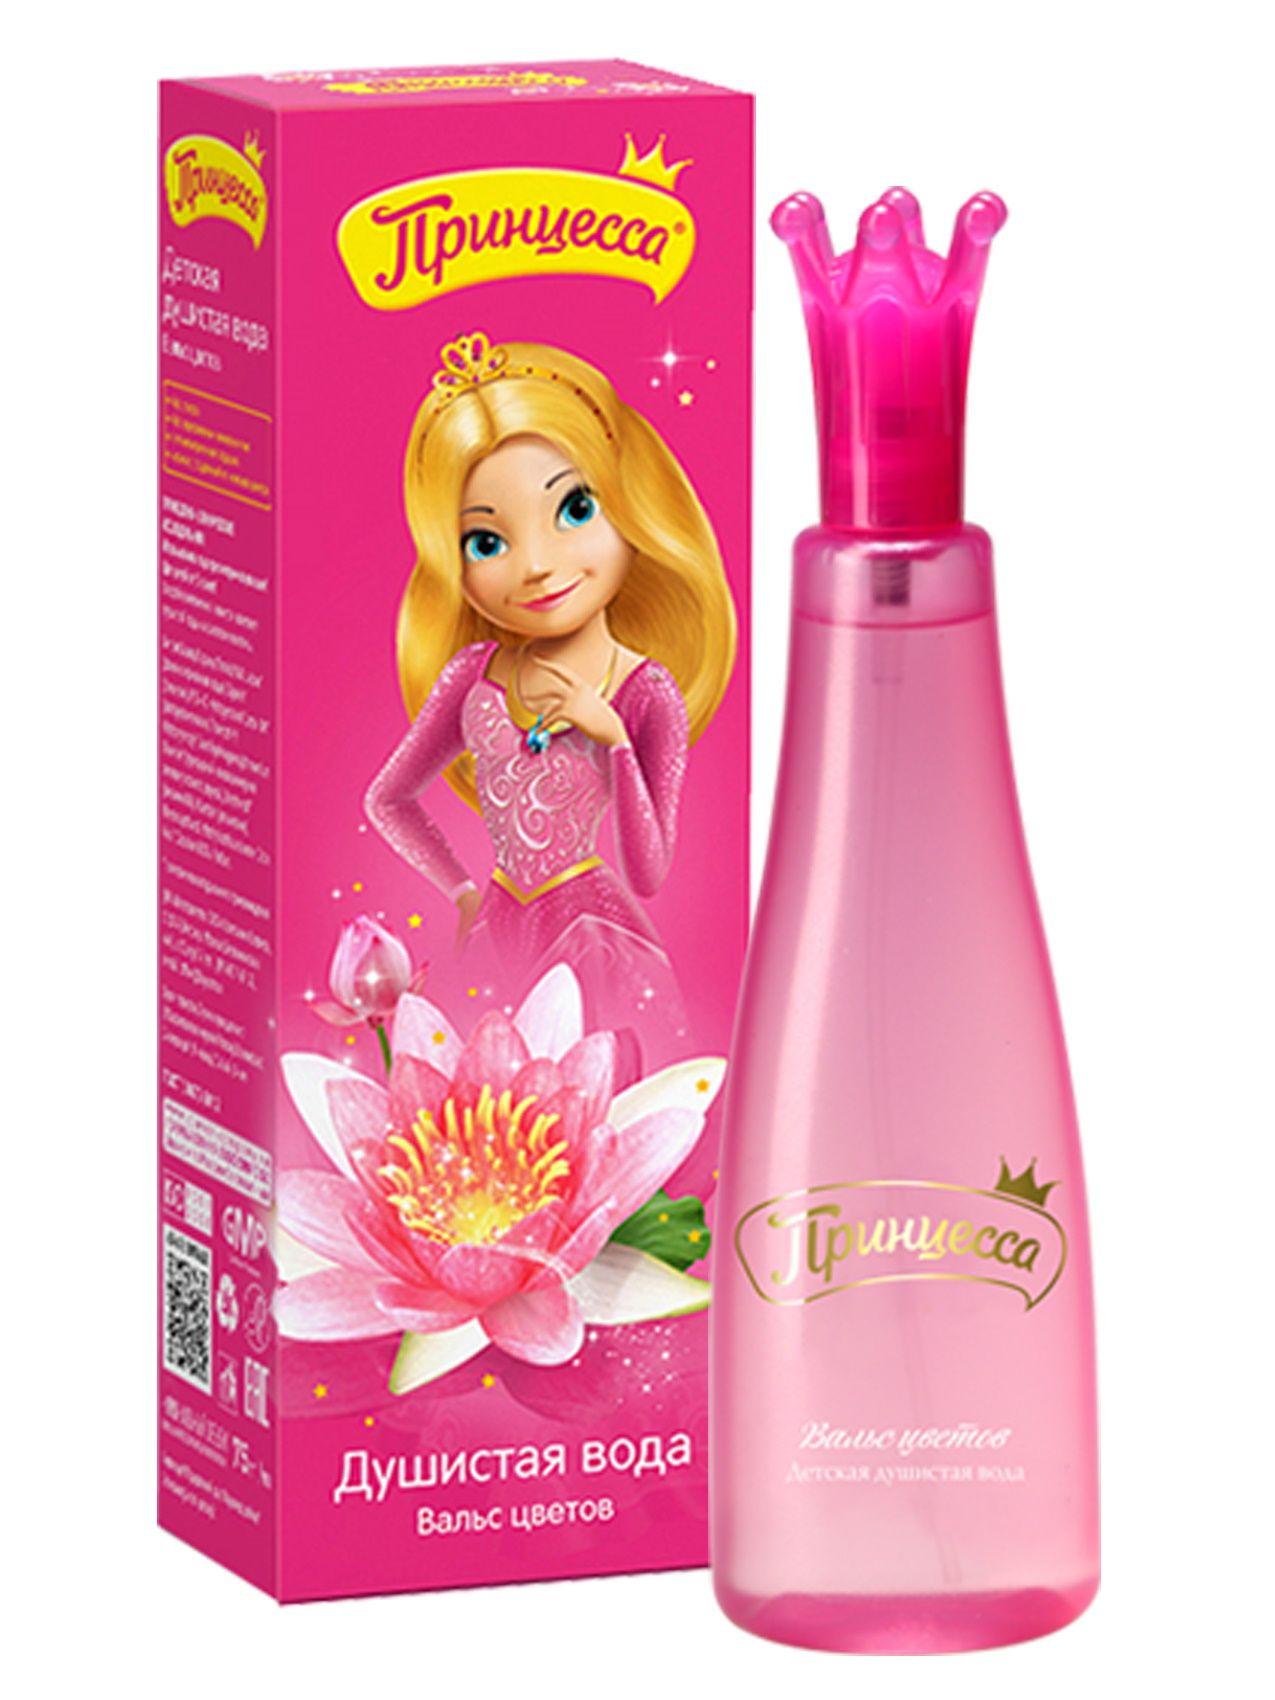 Душистая вода для девочек Принцесса вальс цветов,